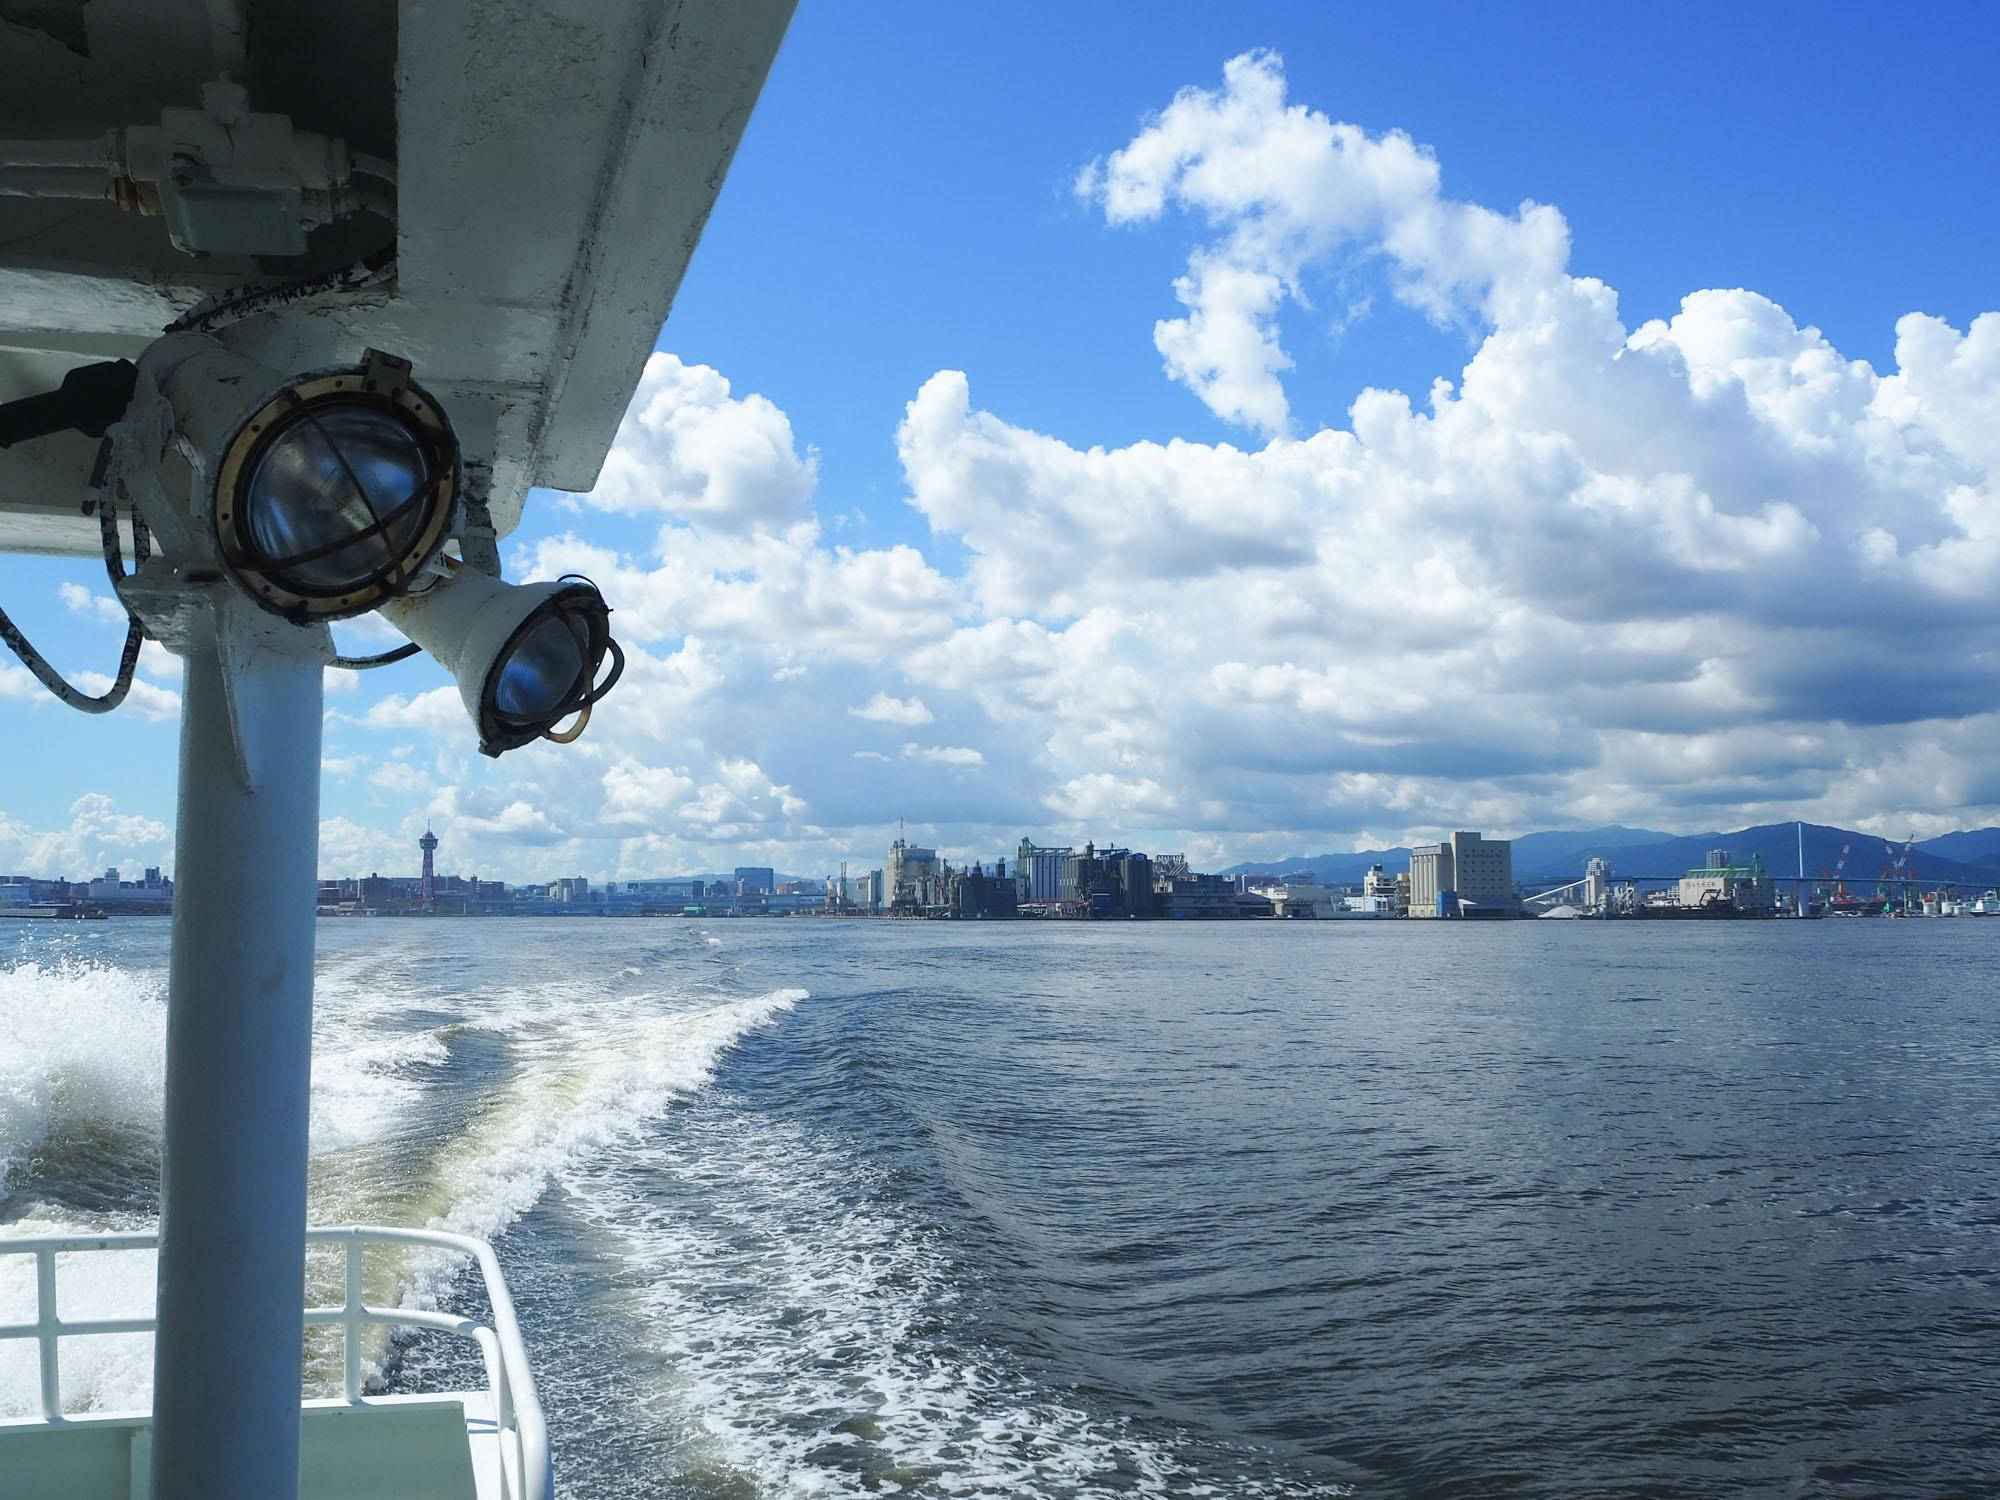 今回は、博多港から自転車と一緒に船に乗り込みます(大人片道680円、自転車1台100円)。 博多港へはデュオフラッツ西新EASTから自転車レーンを使って約5km、安全にアクセスできます。